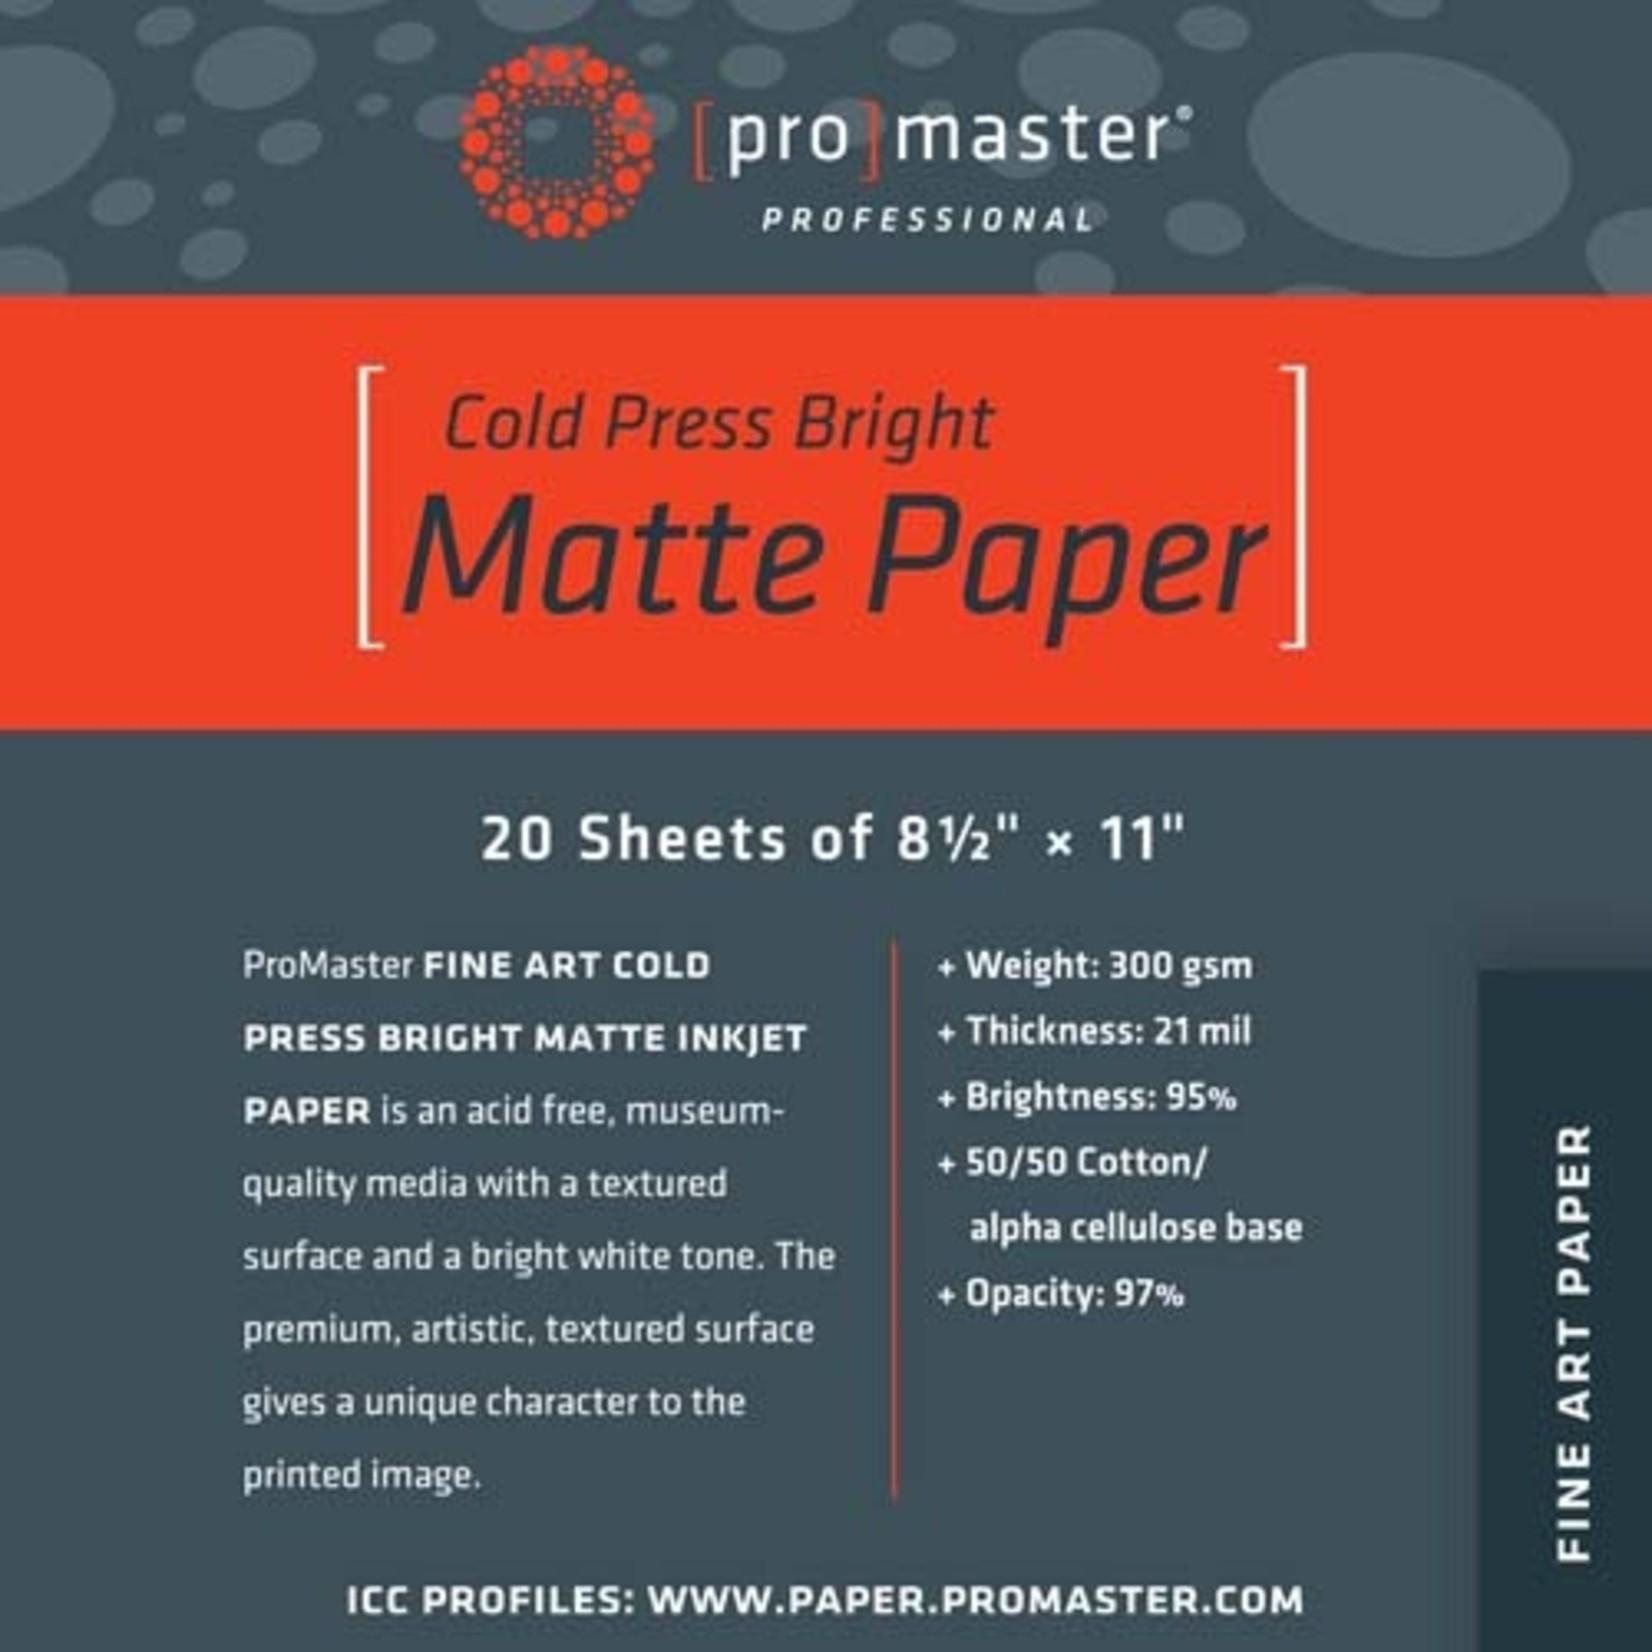 """ProMaster Fine Art Cold Press Bright Matte Paper 8 1/2""""x11"""" - 20 Sheets"""